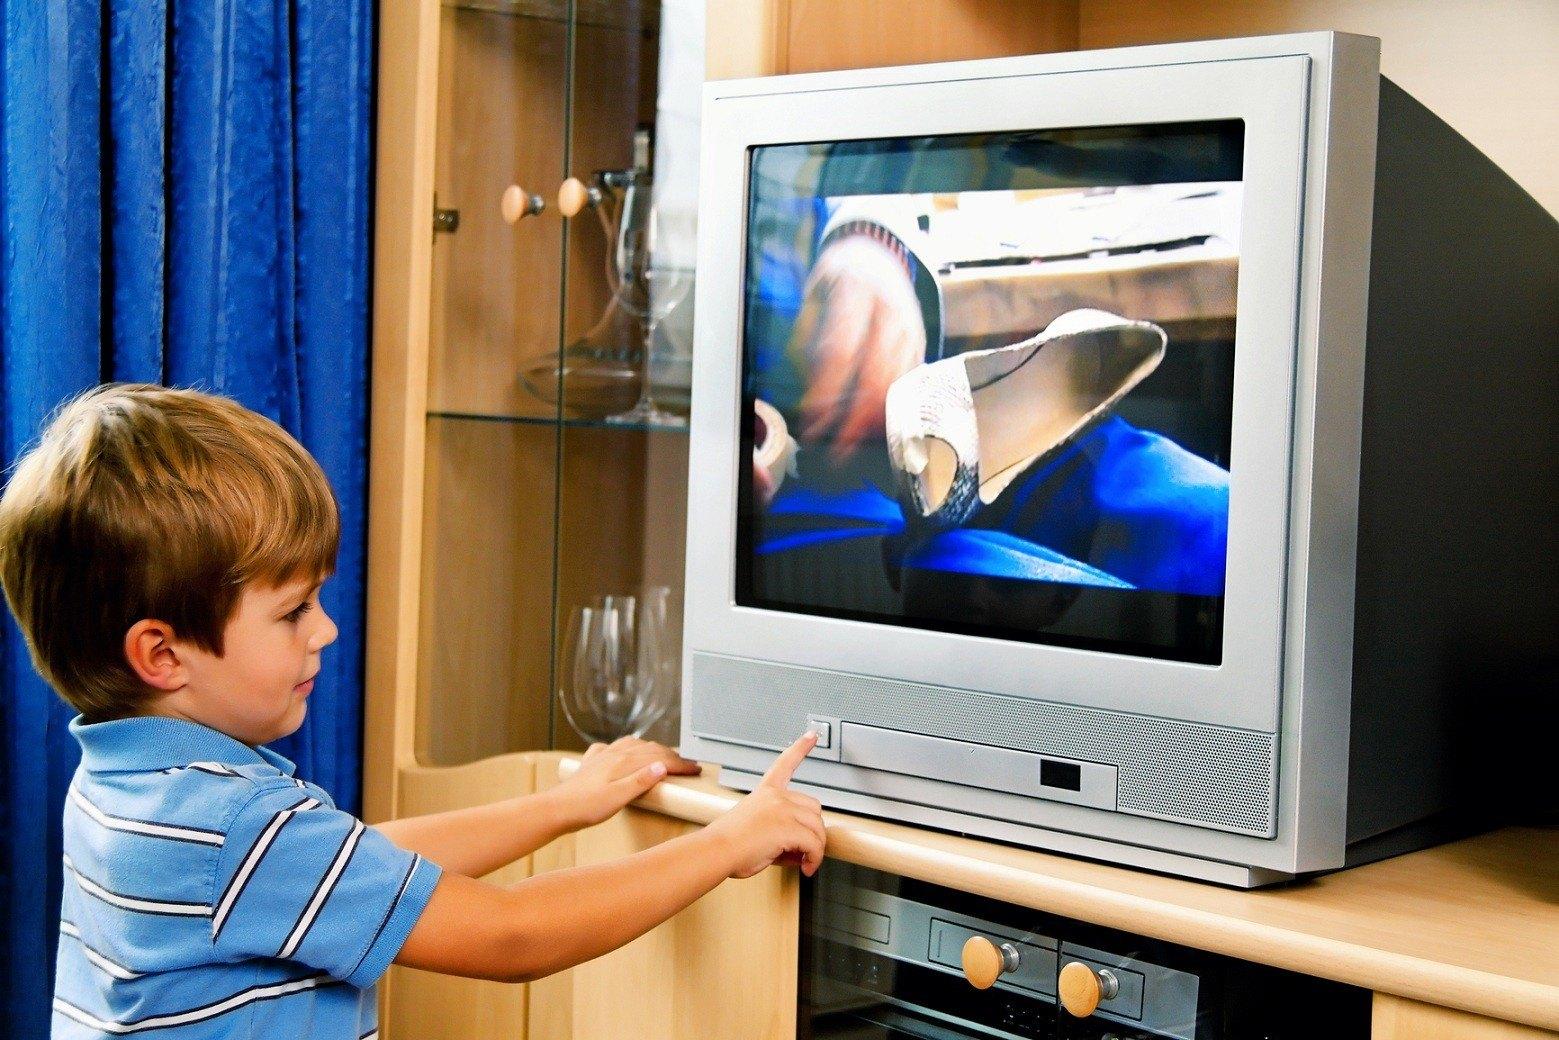 Молодёжь перестала смотреть федеральные каналы